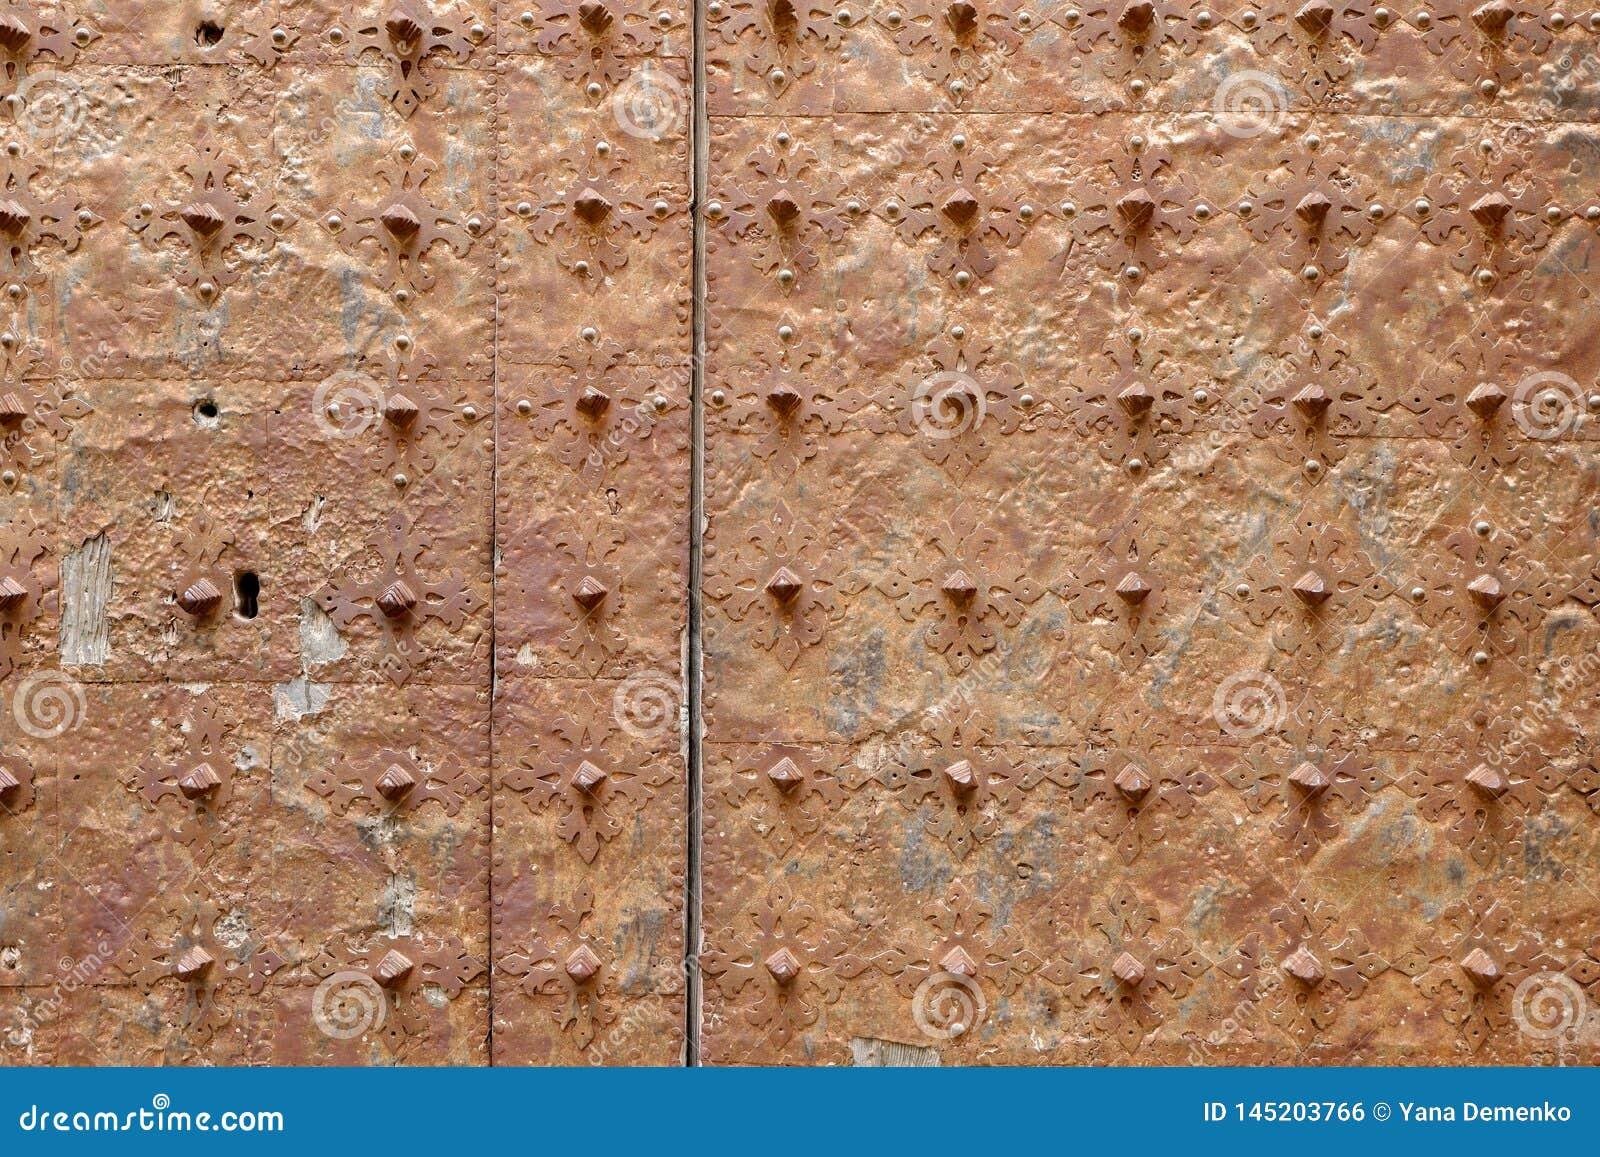 Roestige oppervlakte van een oude middeleeuwse kerkdeur